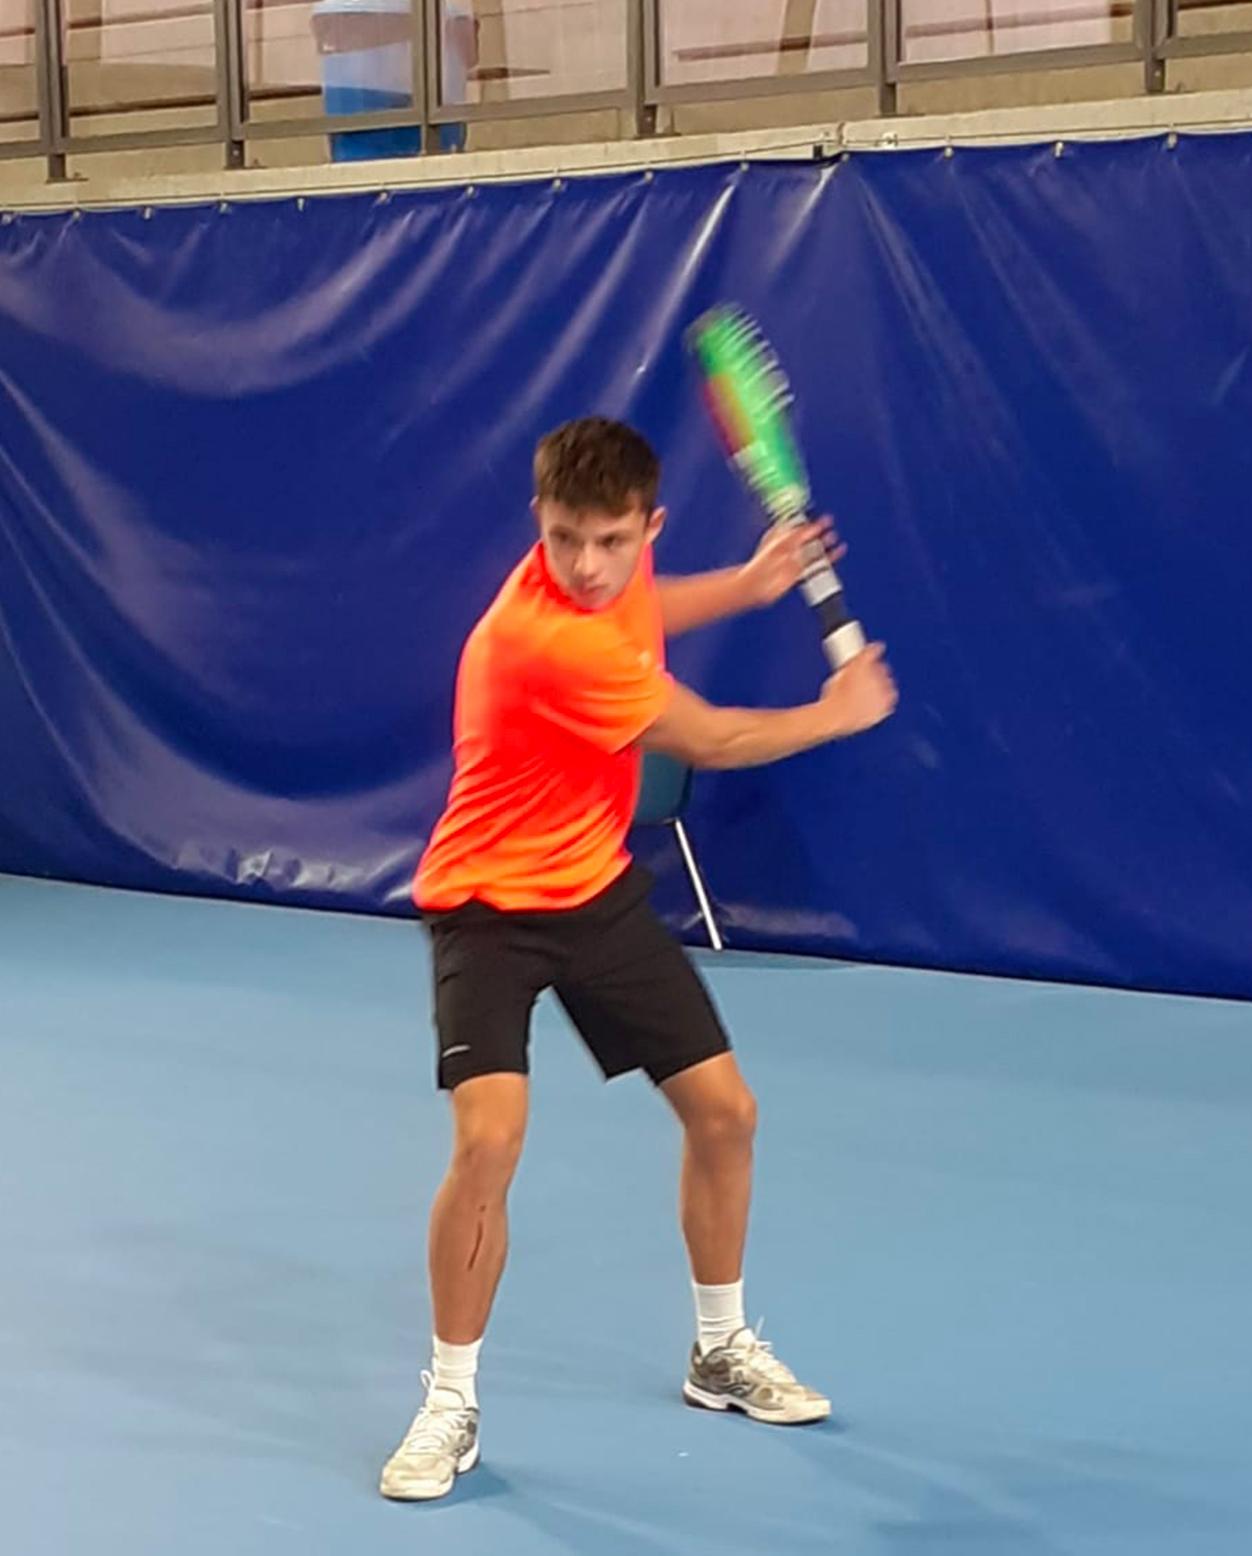 https://www.team-bms-tennis.fr/wp-content/uploads/2020/10/MathieuWierniezky.jpg